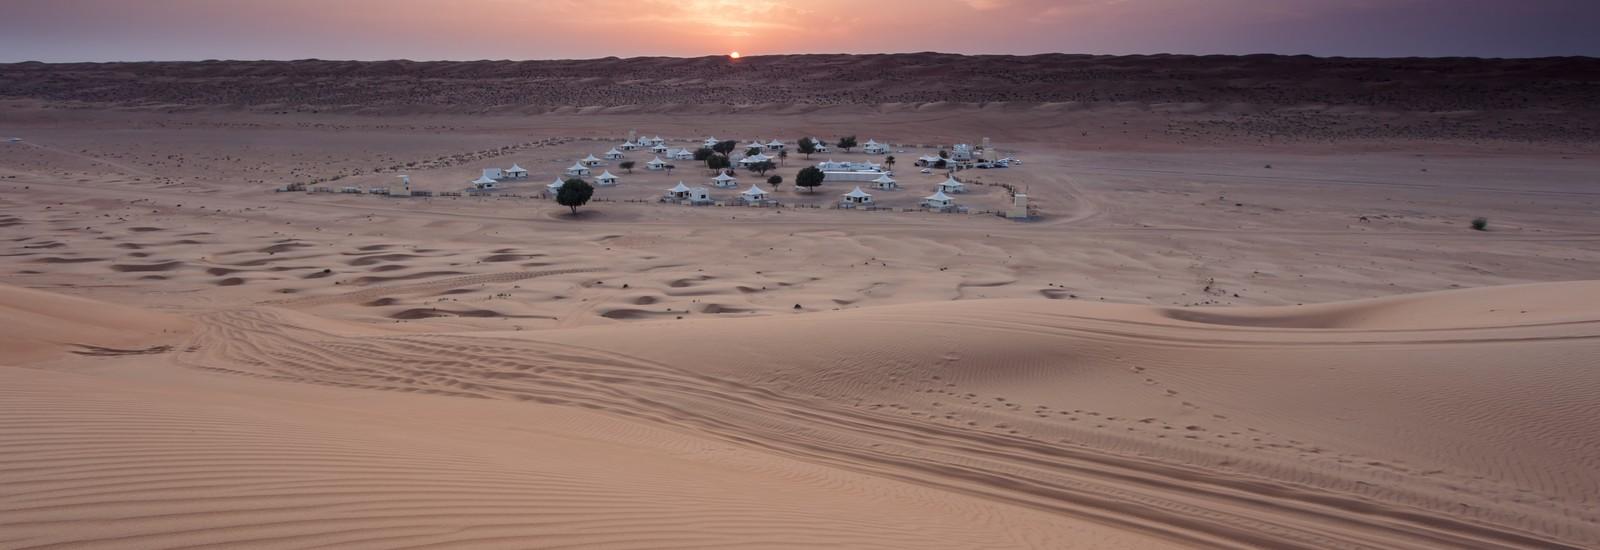 In OmanViaggi Guidati In Tour OmanViaggi Guidati Tour mbIf6vYgy7